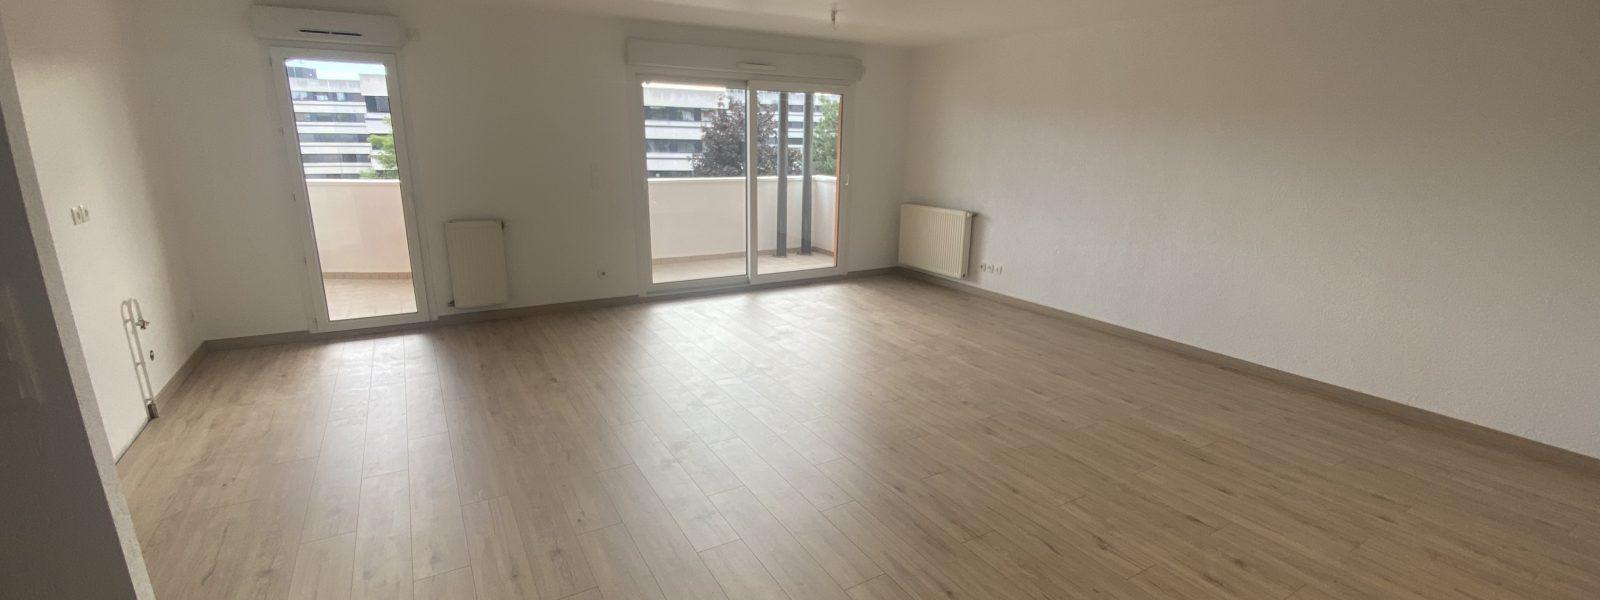 CHEMIN DE COLLEX - Appartement 90m² - Visuel 2 - Impact immobilier 01